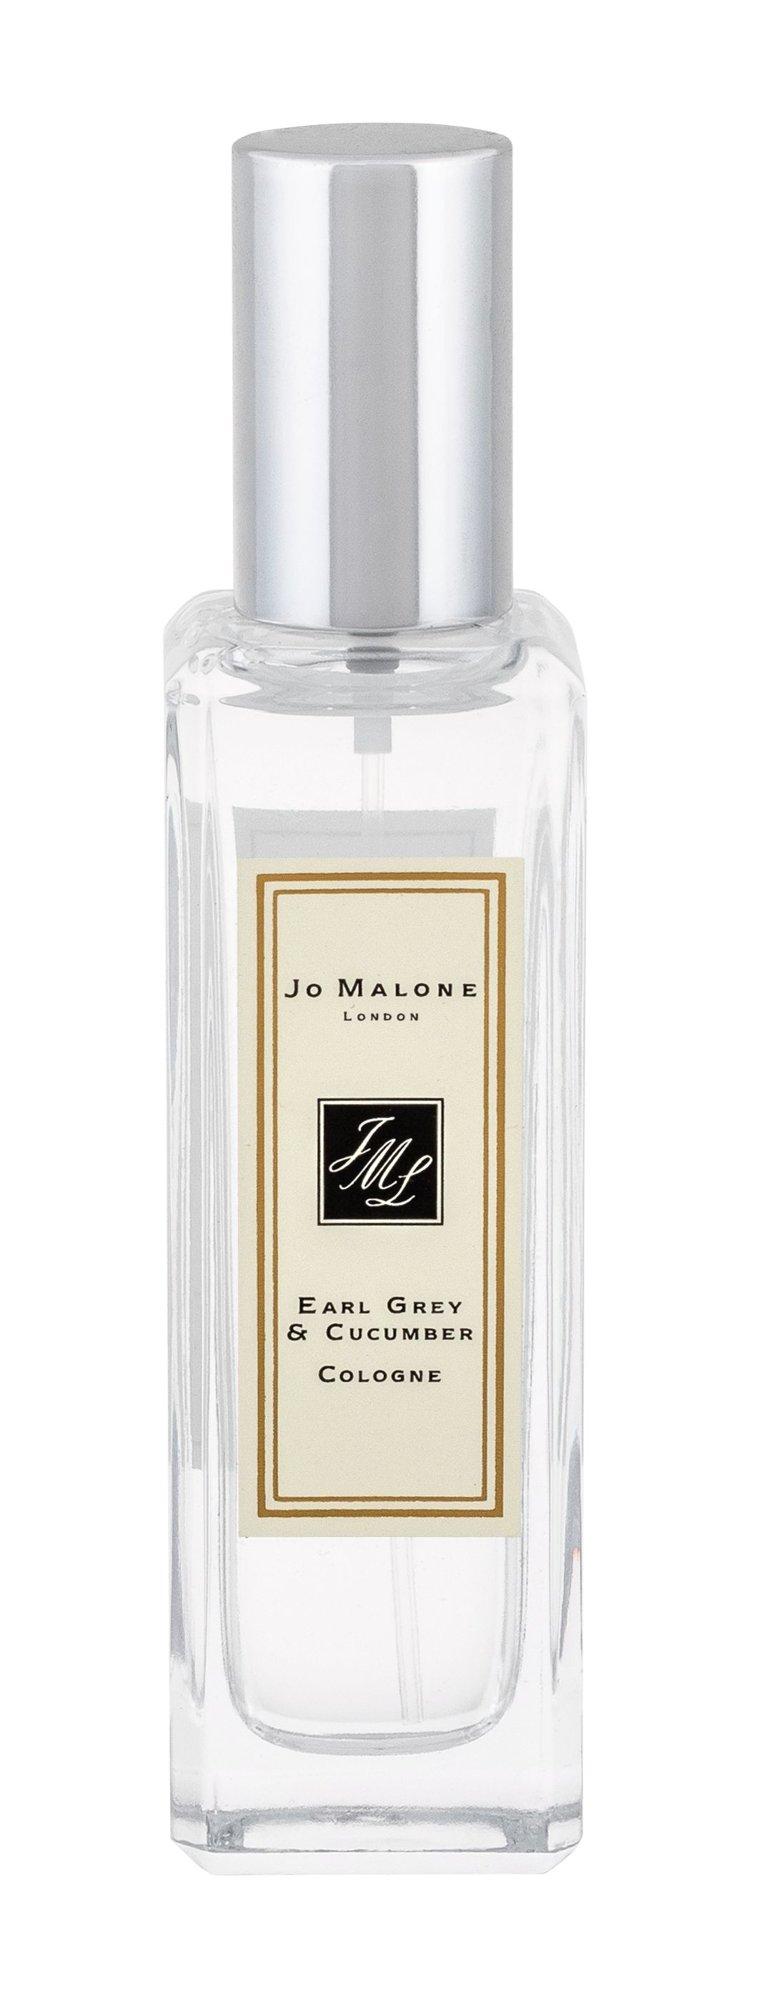 Jo Malone Earl Grey & Cucumber Eau de Cologne 30ml